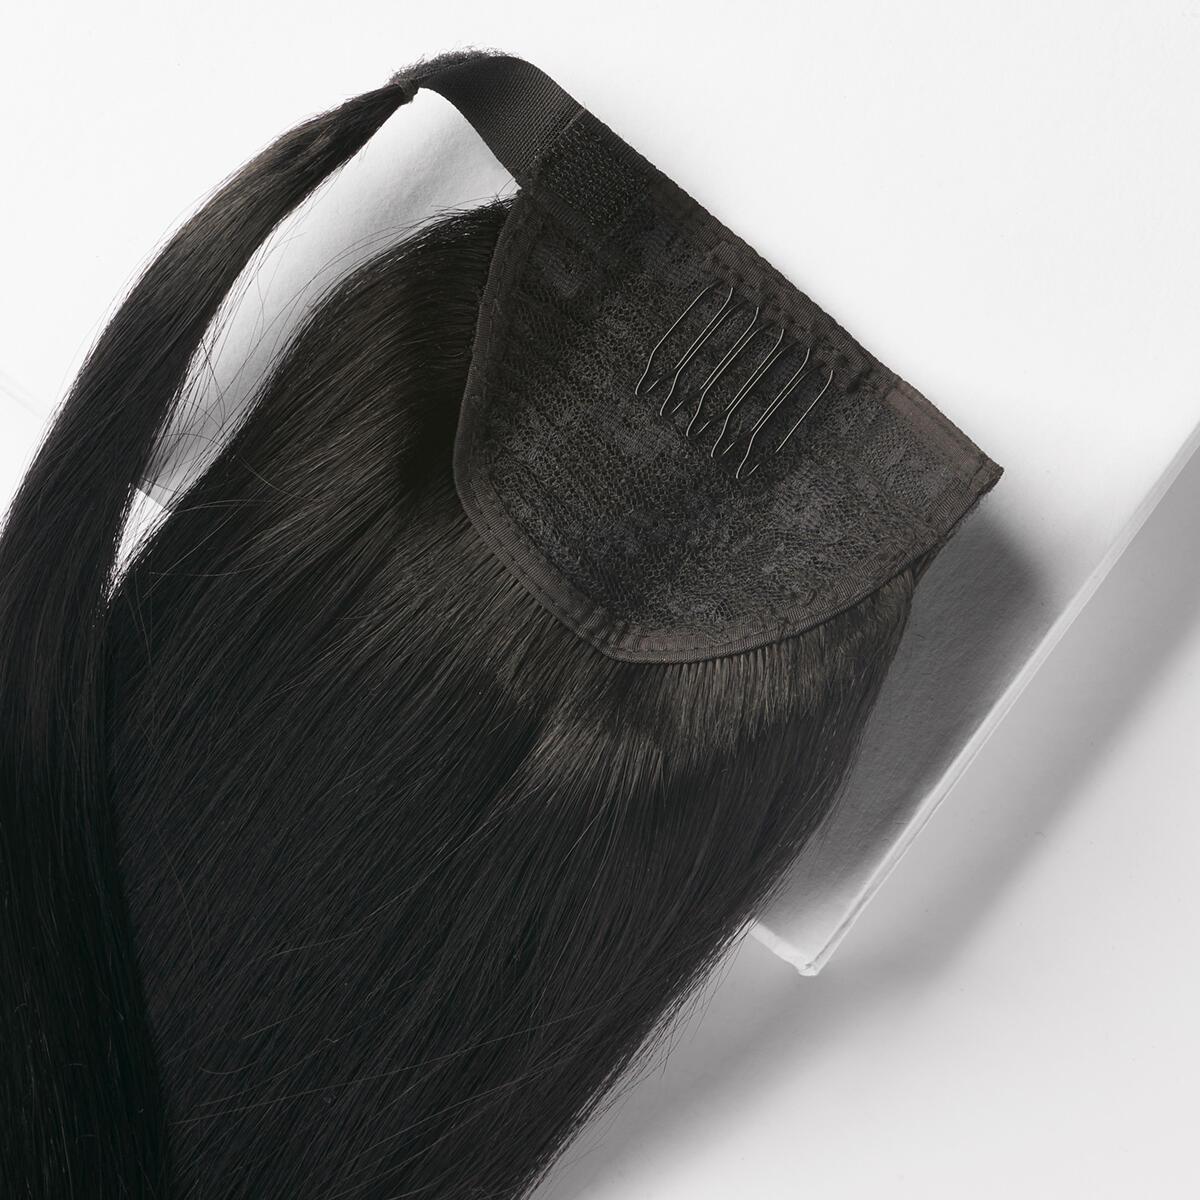 Clip-in Ponytail 1.0 Black 60 cm